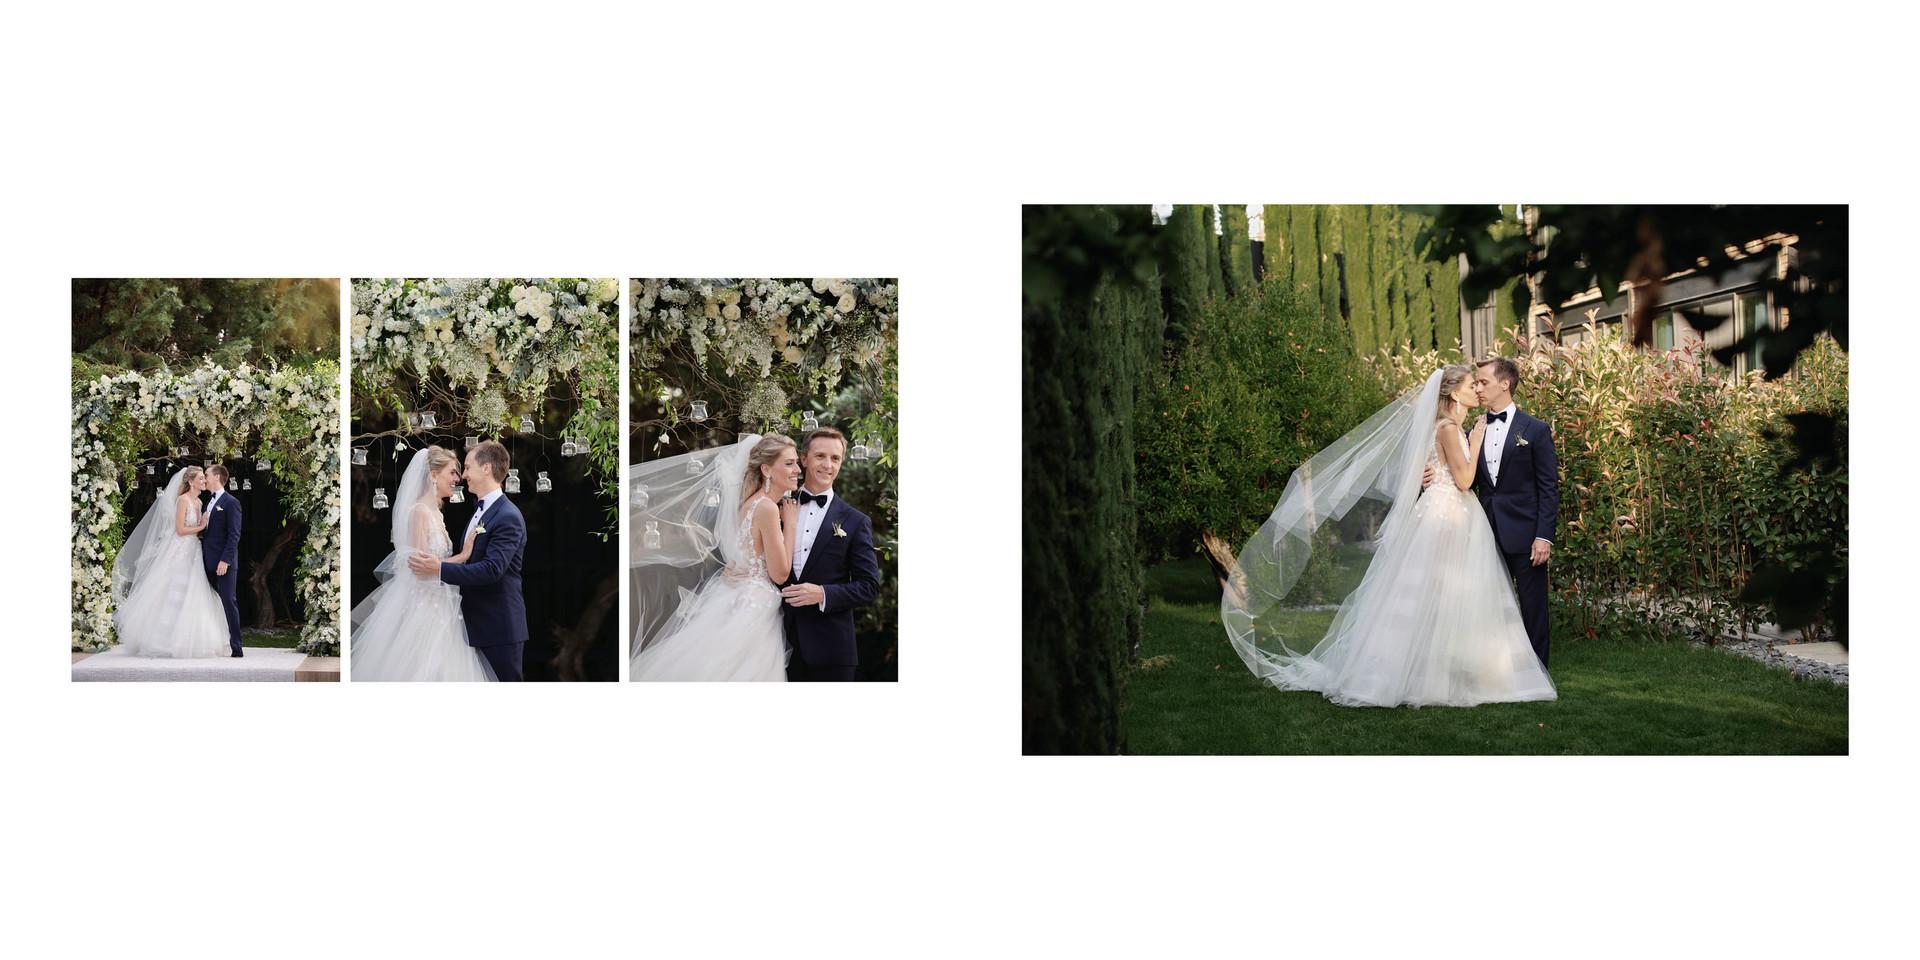 ZeynepKerem-30x30_12.jpg